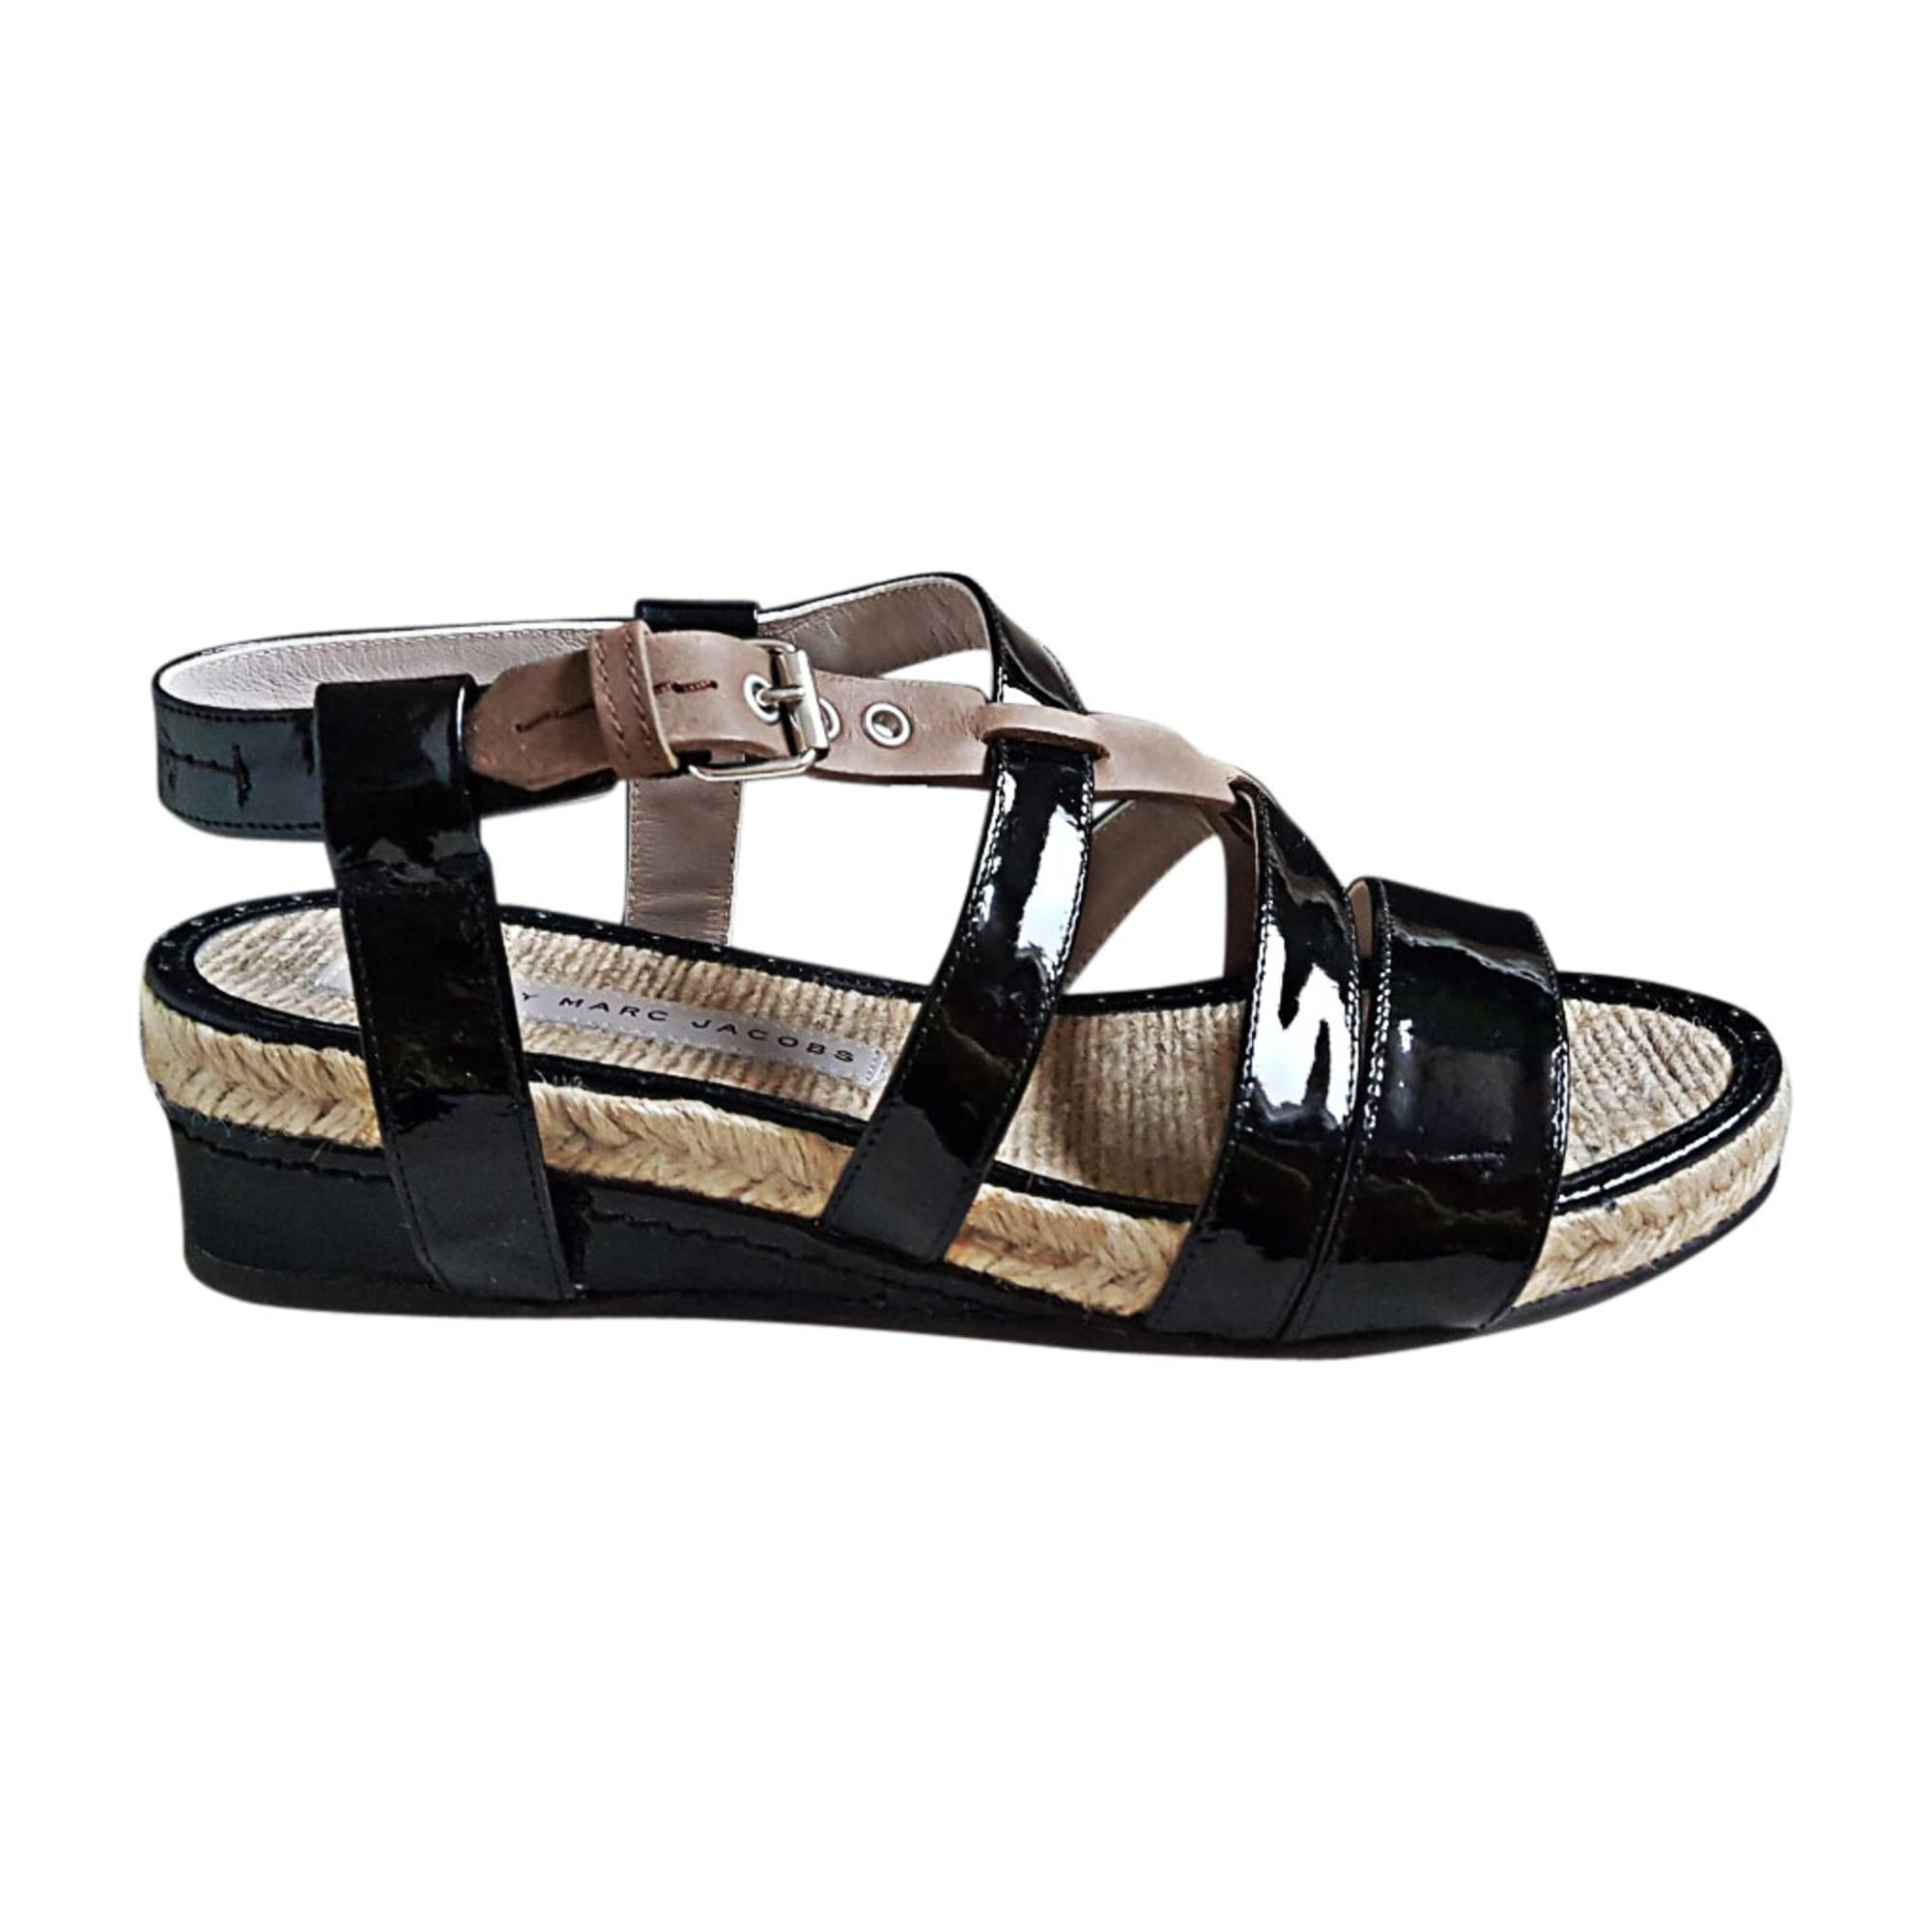 Sandales compensées MARC JACOBS 37 noir vendu par Emma 5012 - 6422097 b53be8c14aa